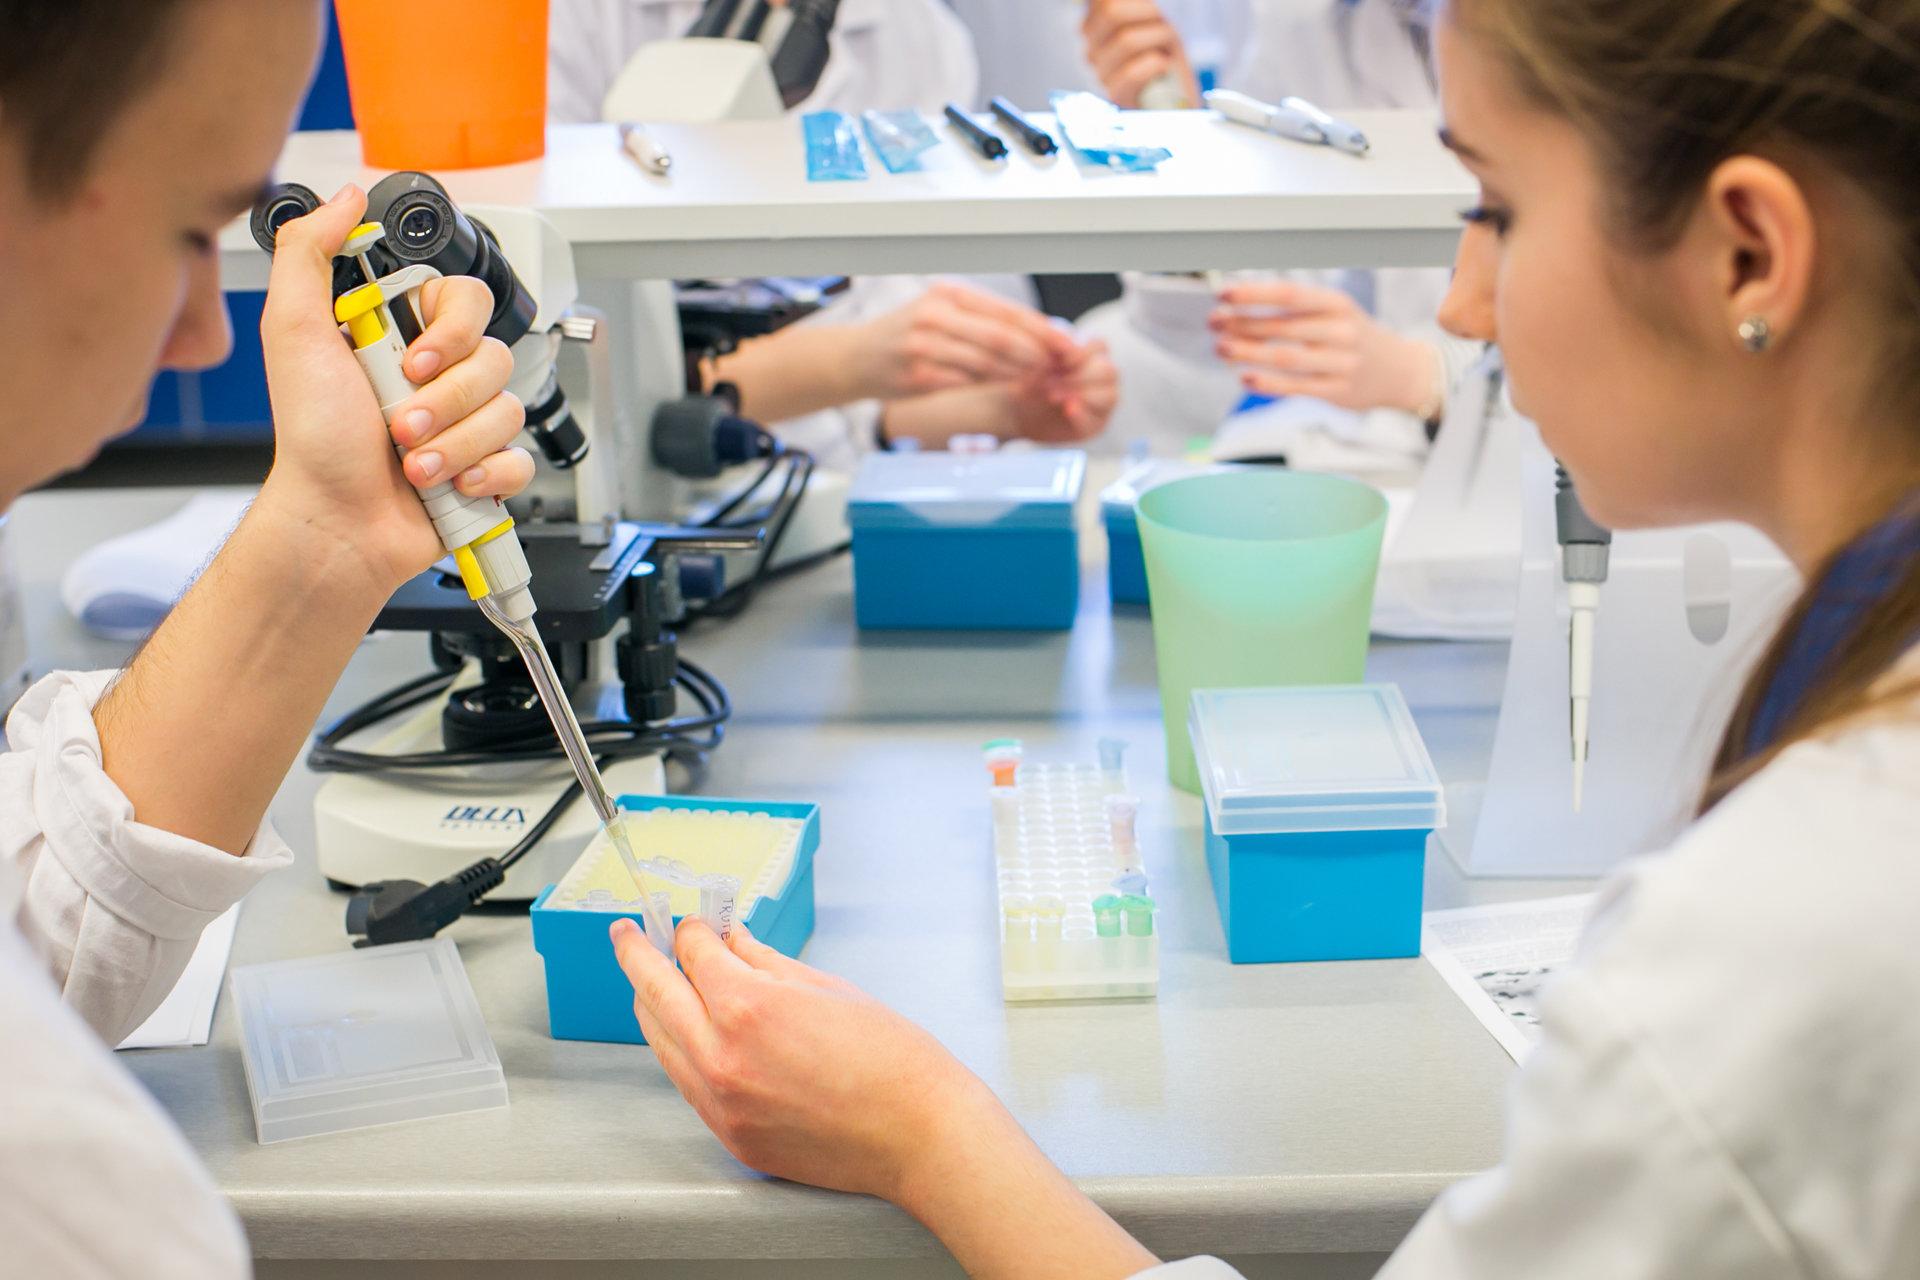 Nauka bez tajemnic – rusza ADAMED SmartUP Academy współorganizowane z Wydziałem Chemicznym Politechniki Warszawskiej